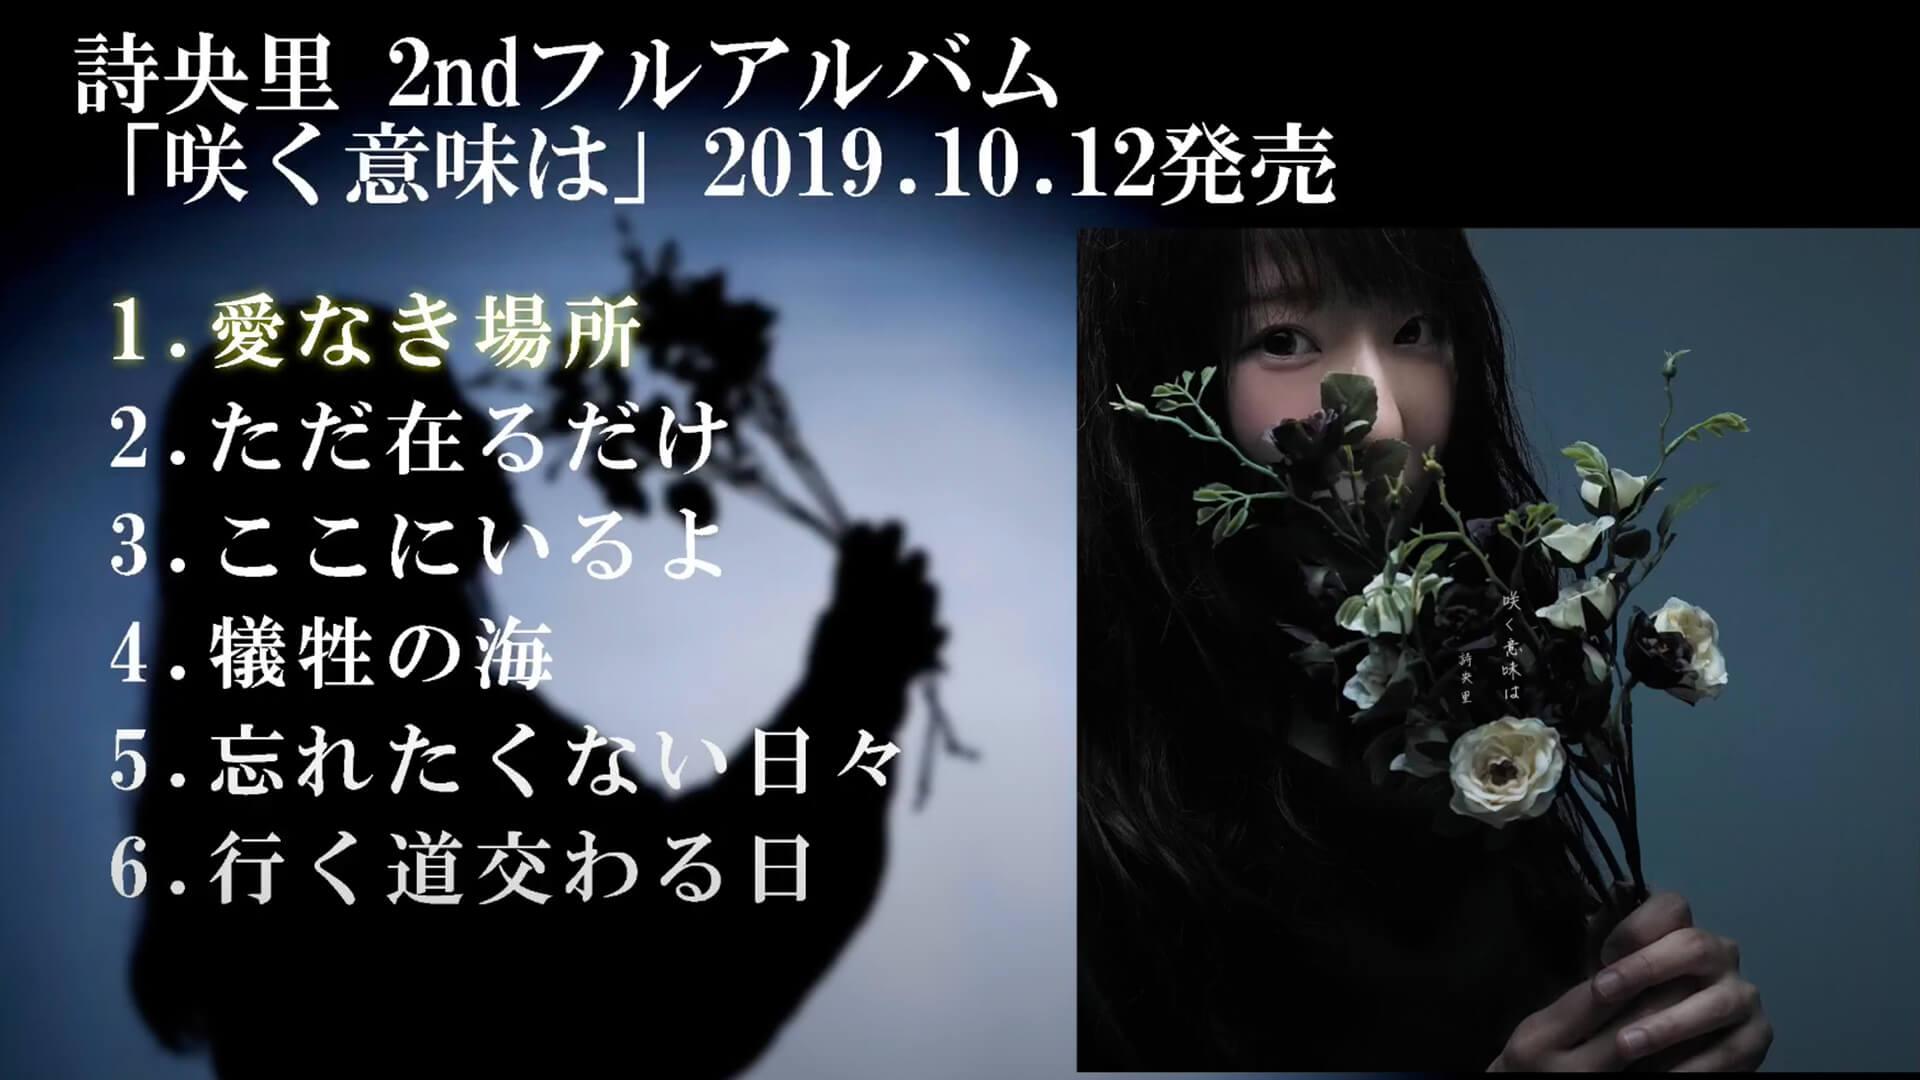 2ndフルアルバム「咲く意味は」視聴トレーラー